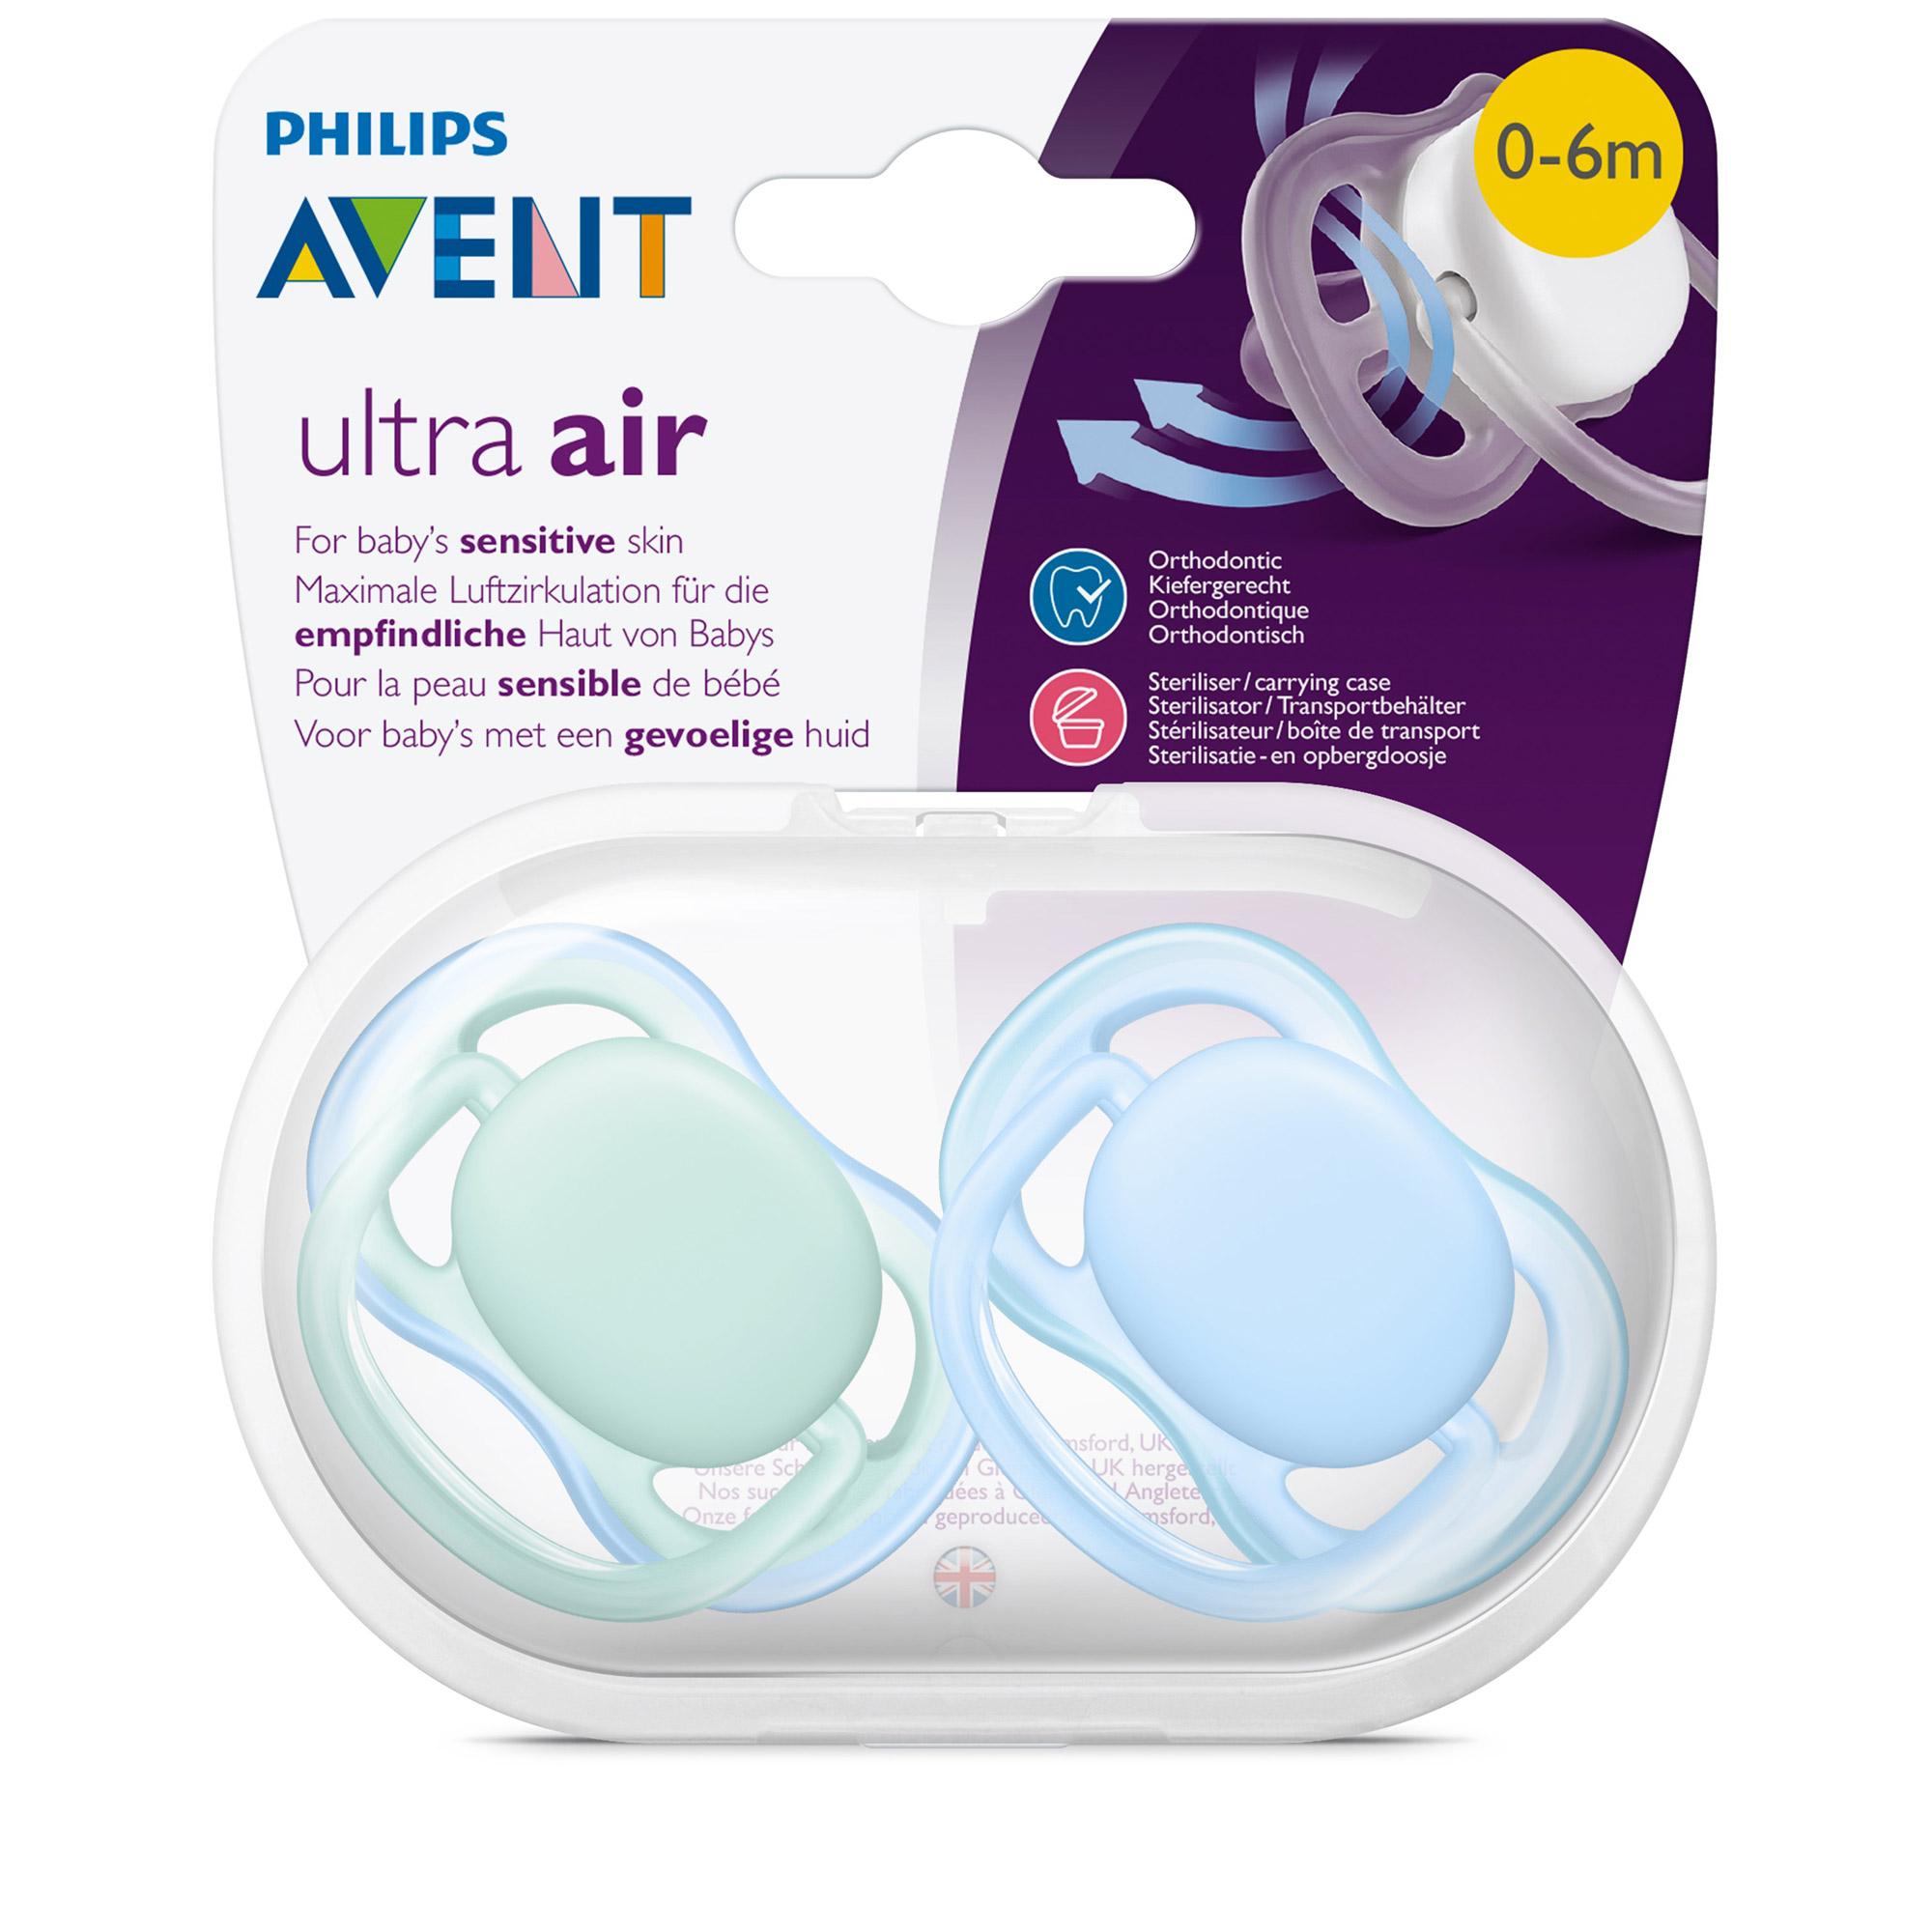 Lot 2 sucettes ultra air Rose / Orange 6-18 mois de Philips AVENT